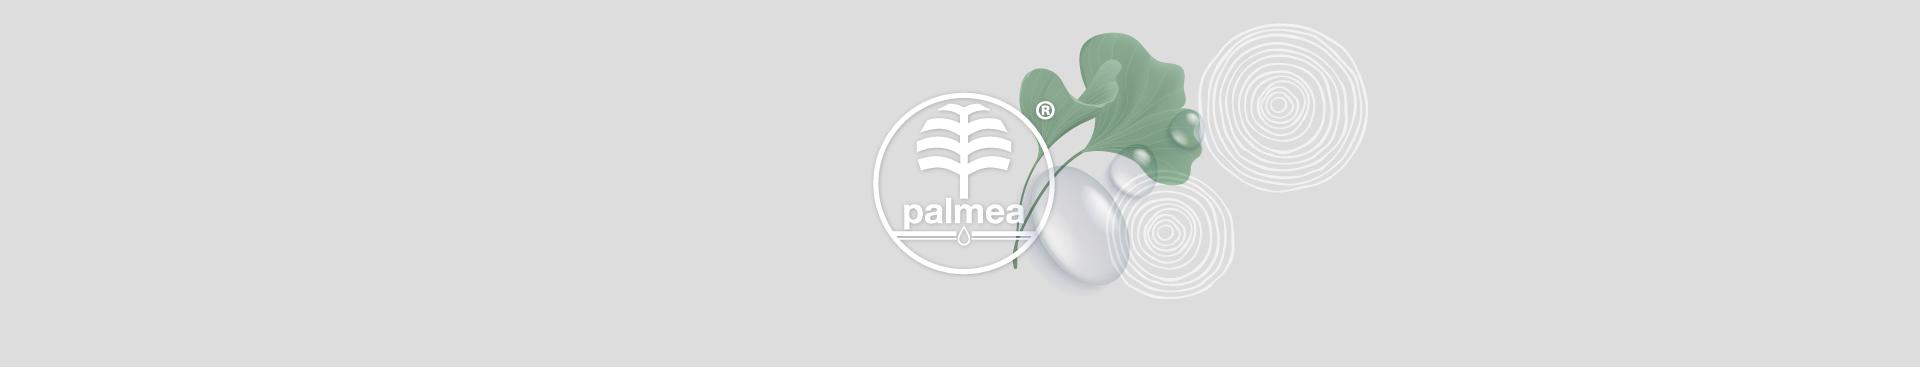 Palmea Press